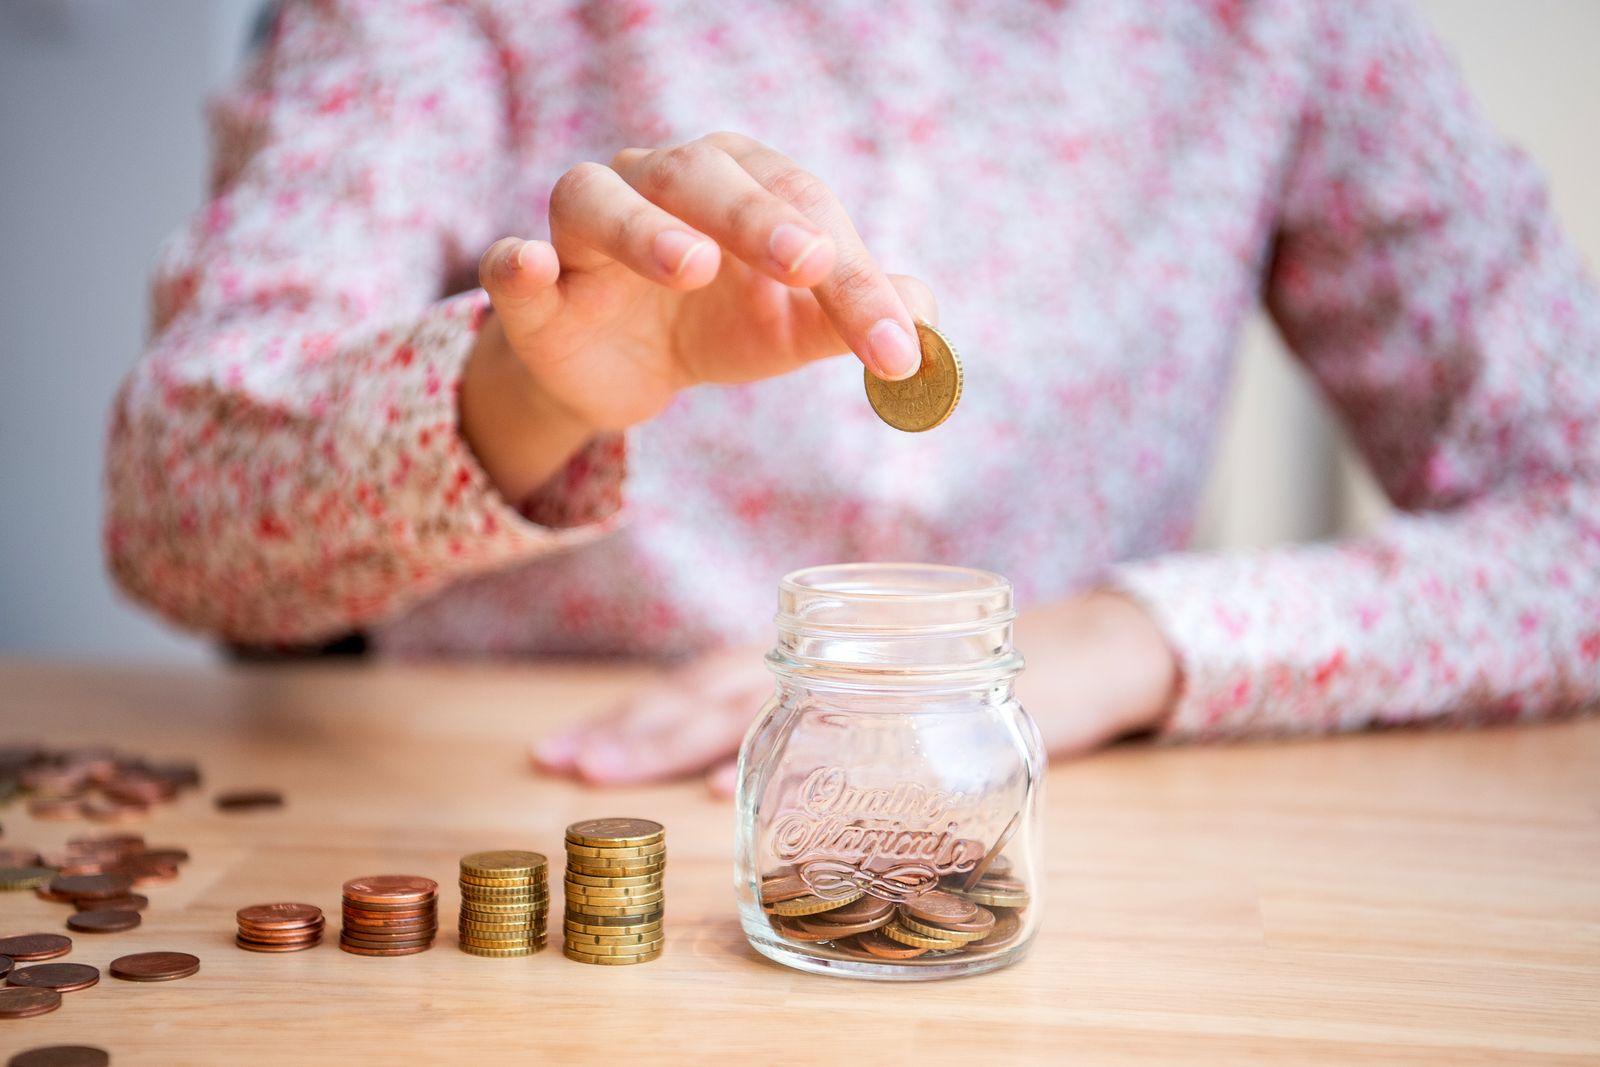 Sparen / Sparbüchse /Kleingeld